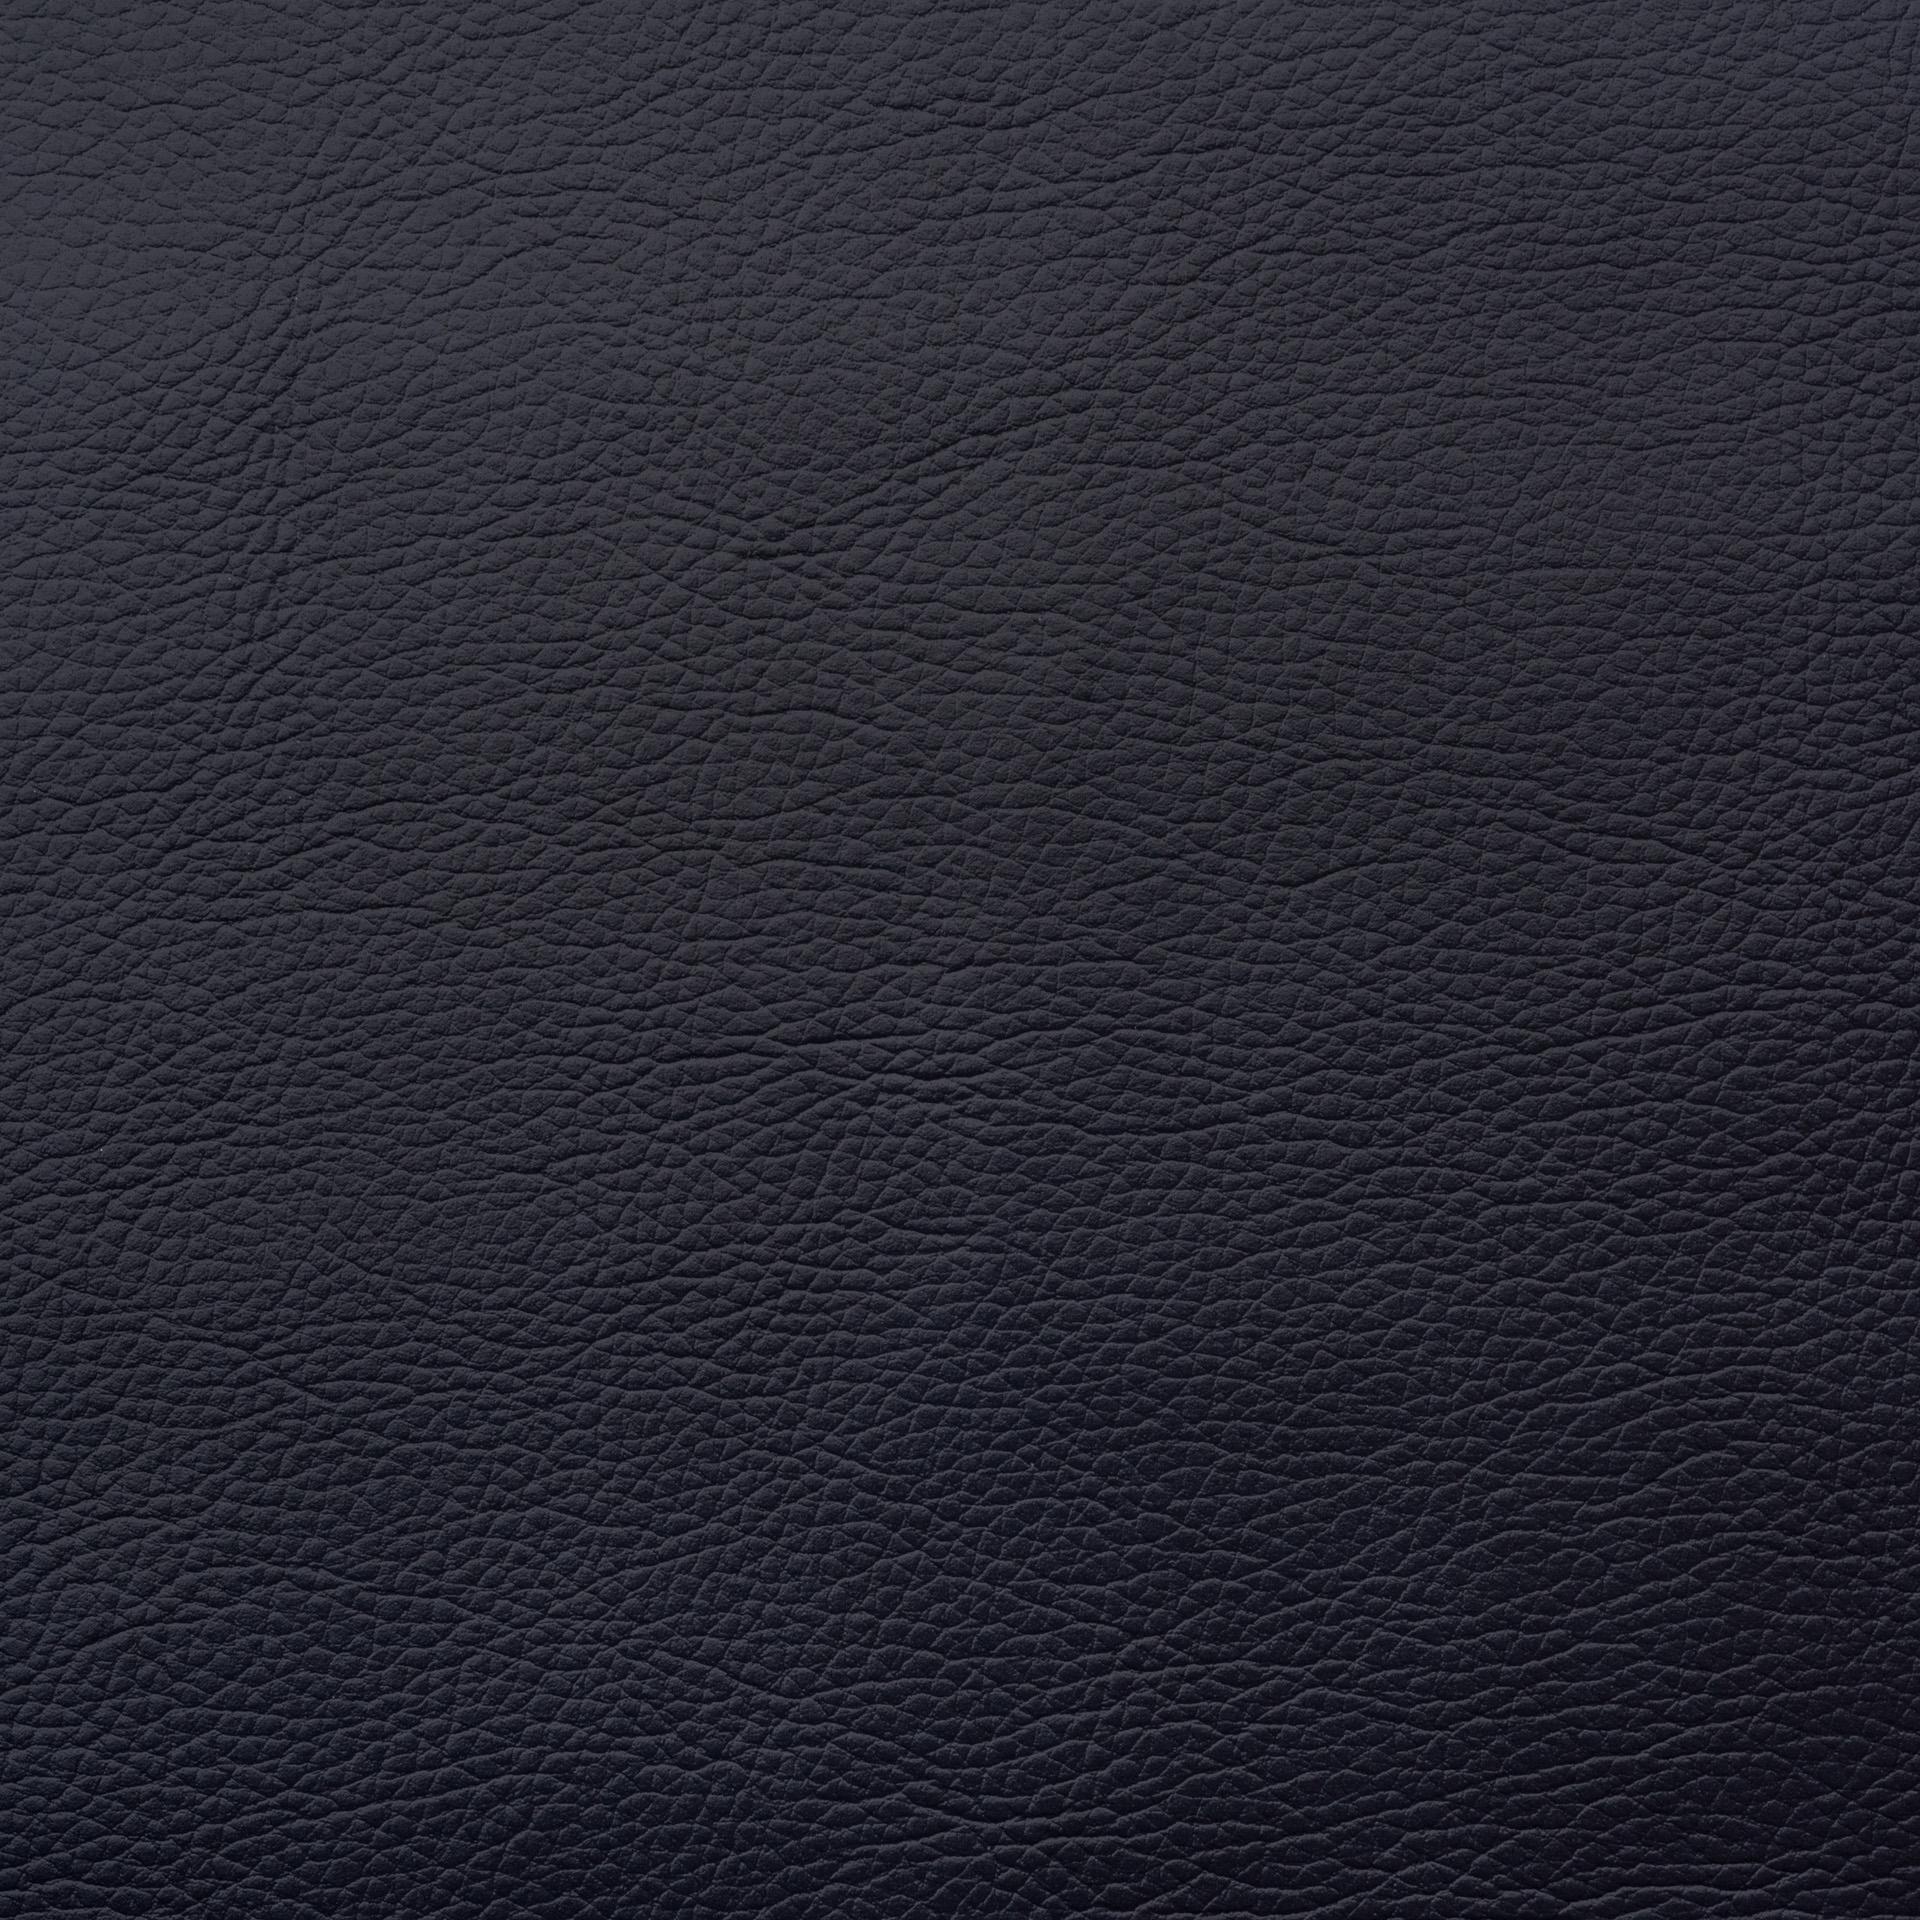 Коллекция ткани Леонардо Каппеллини 11 DEEP OCEAN,  купить ткань Кож зам для мебели Украина